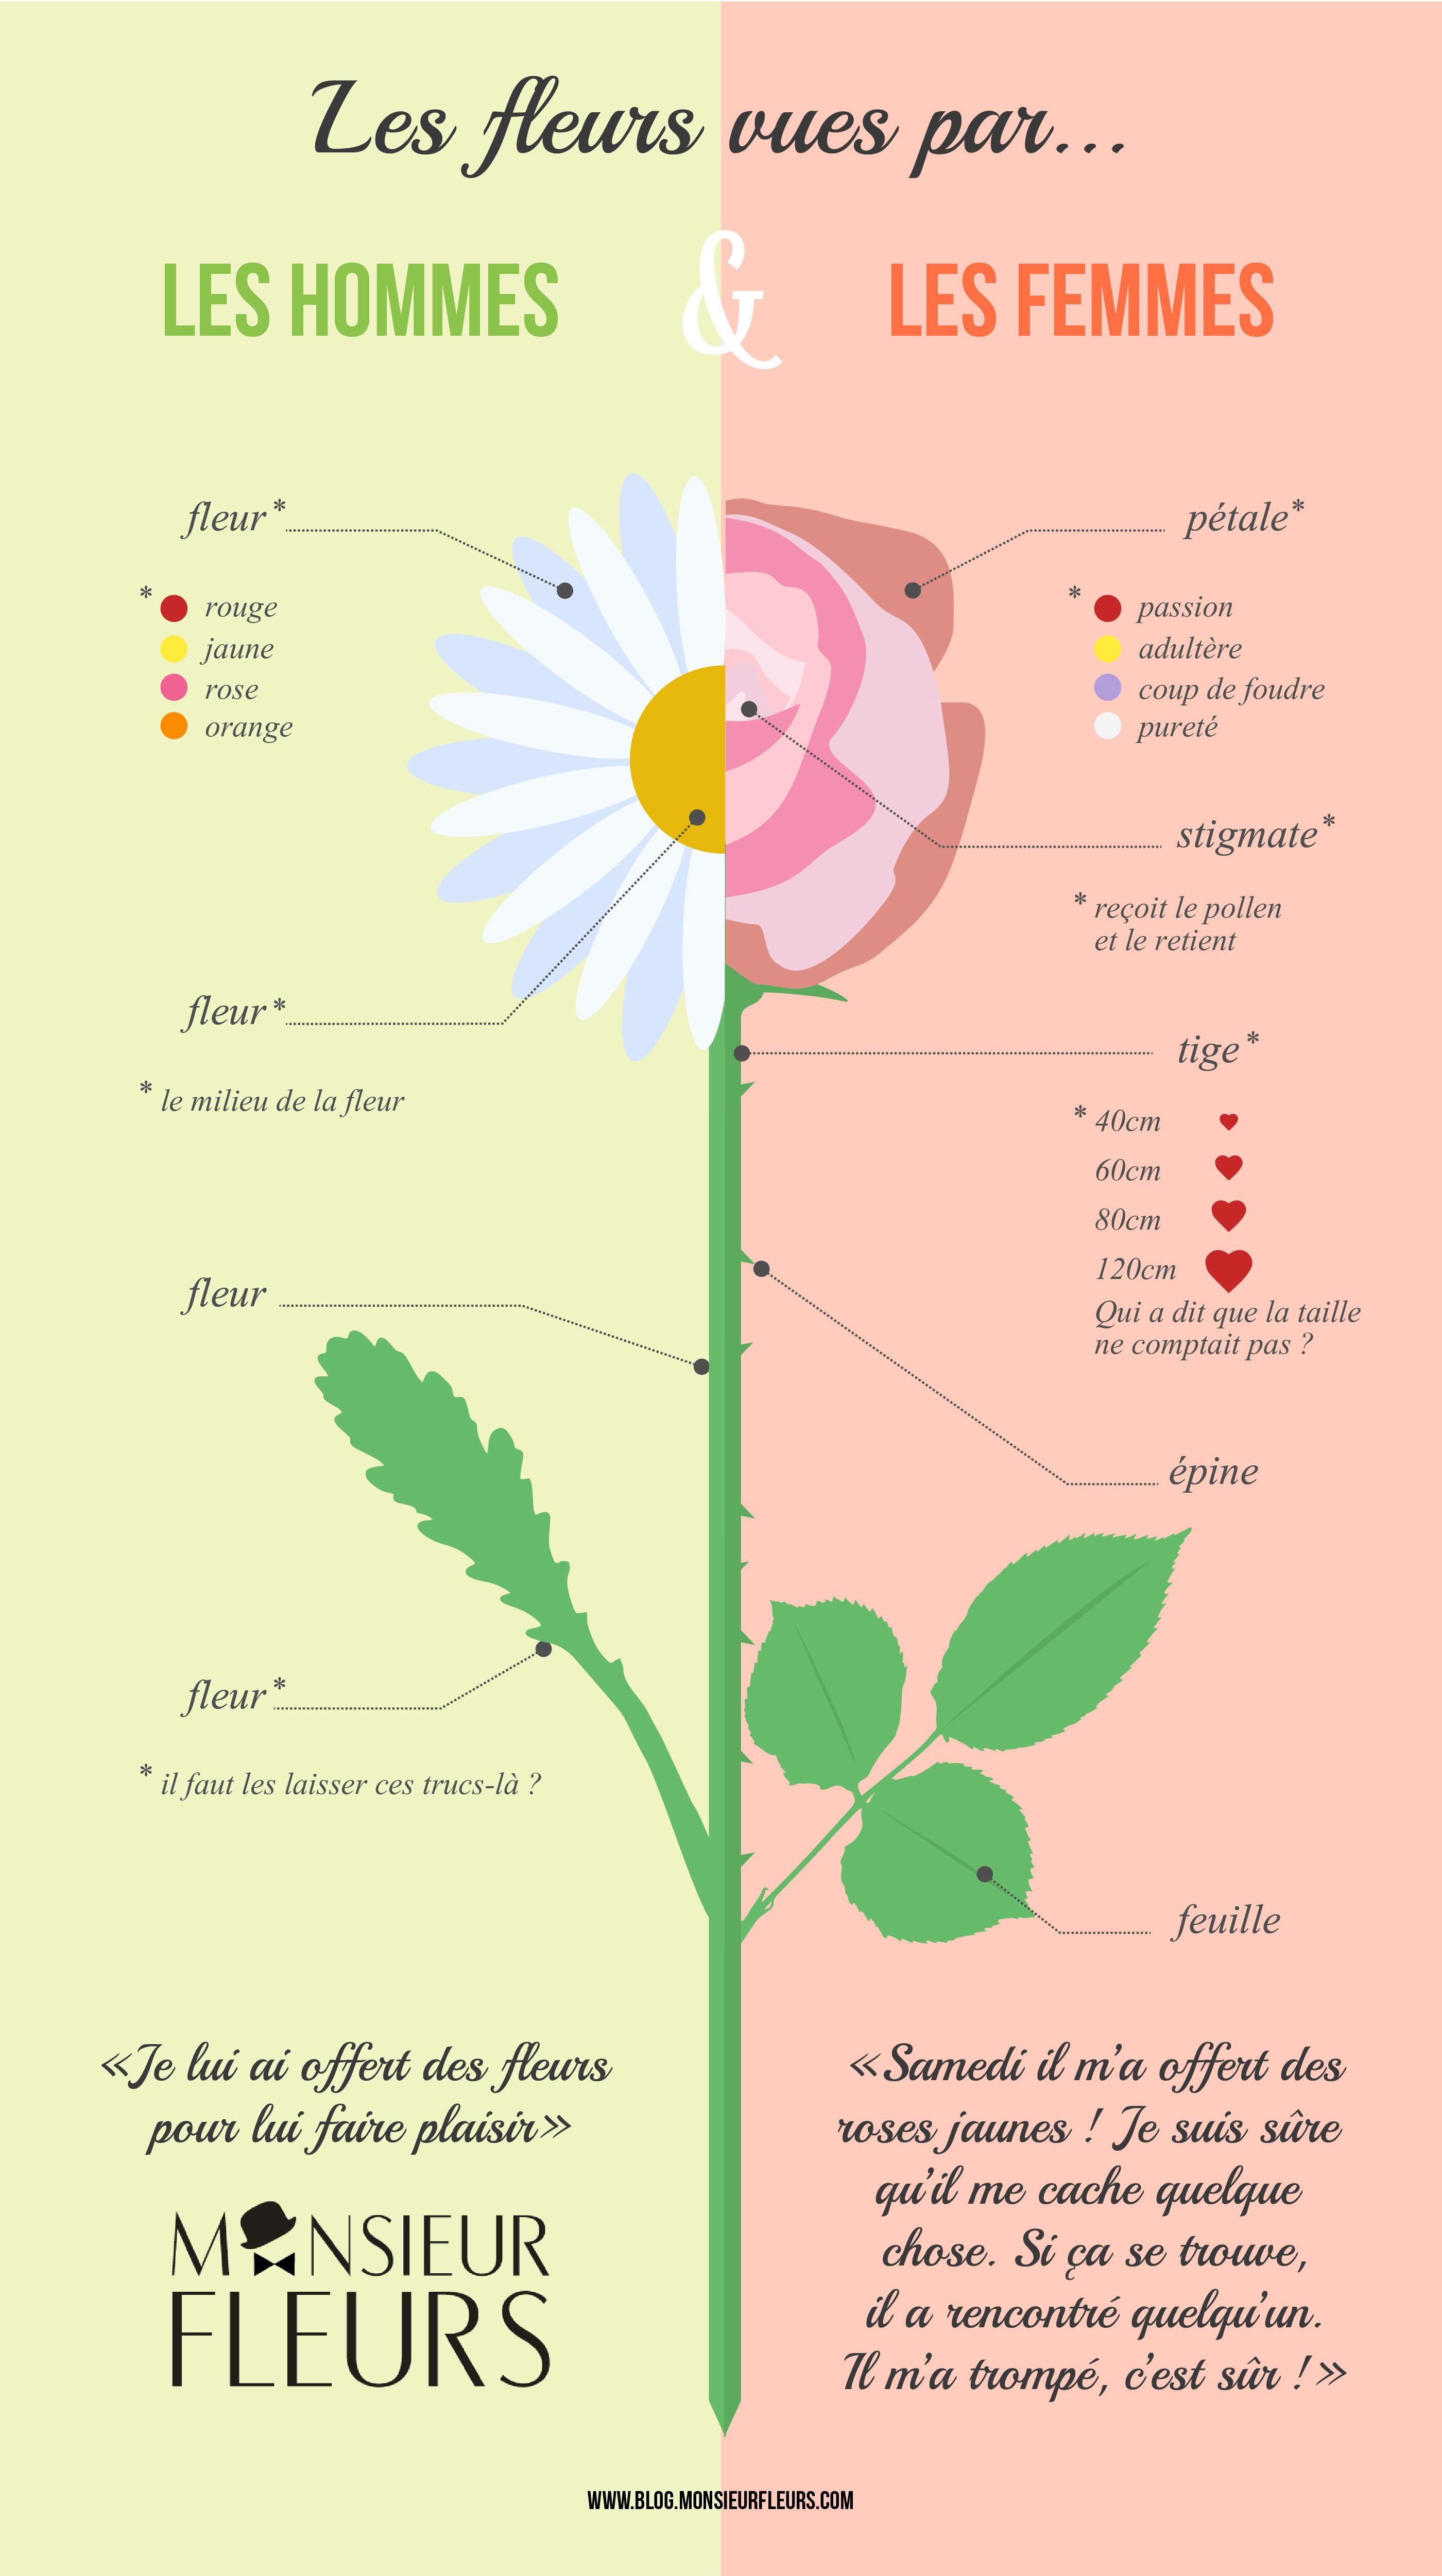 les fleurs vues par les hommes et par les femmes